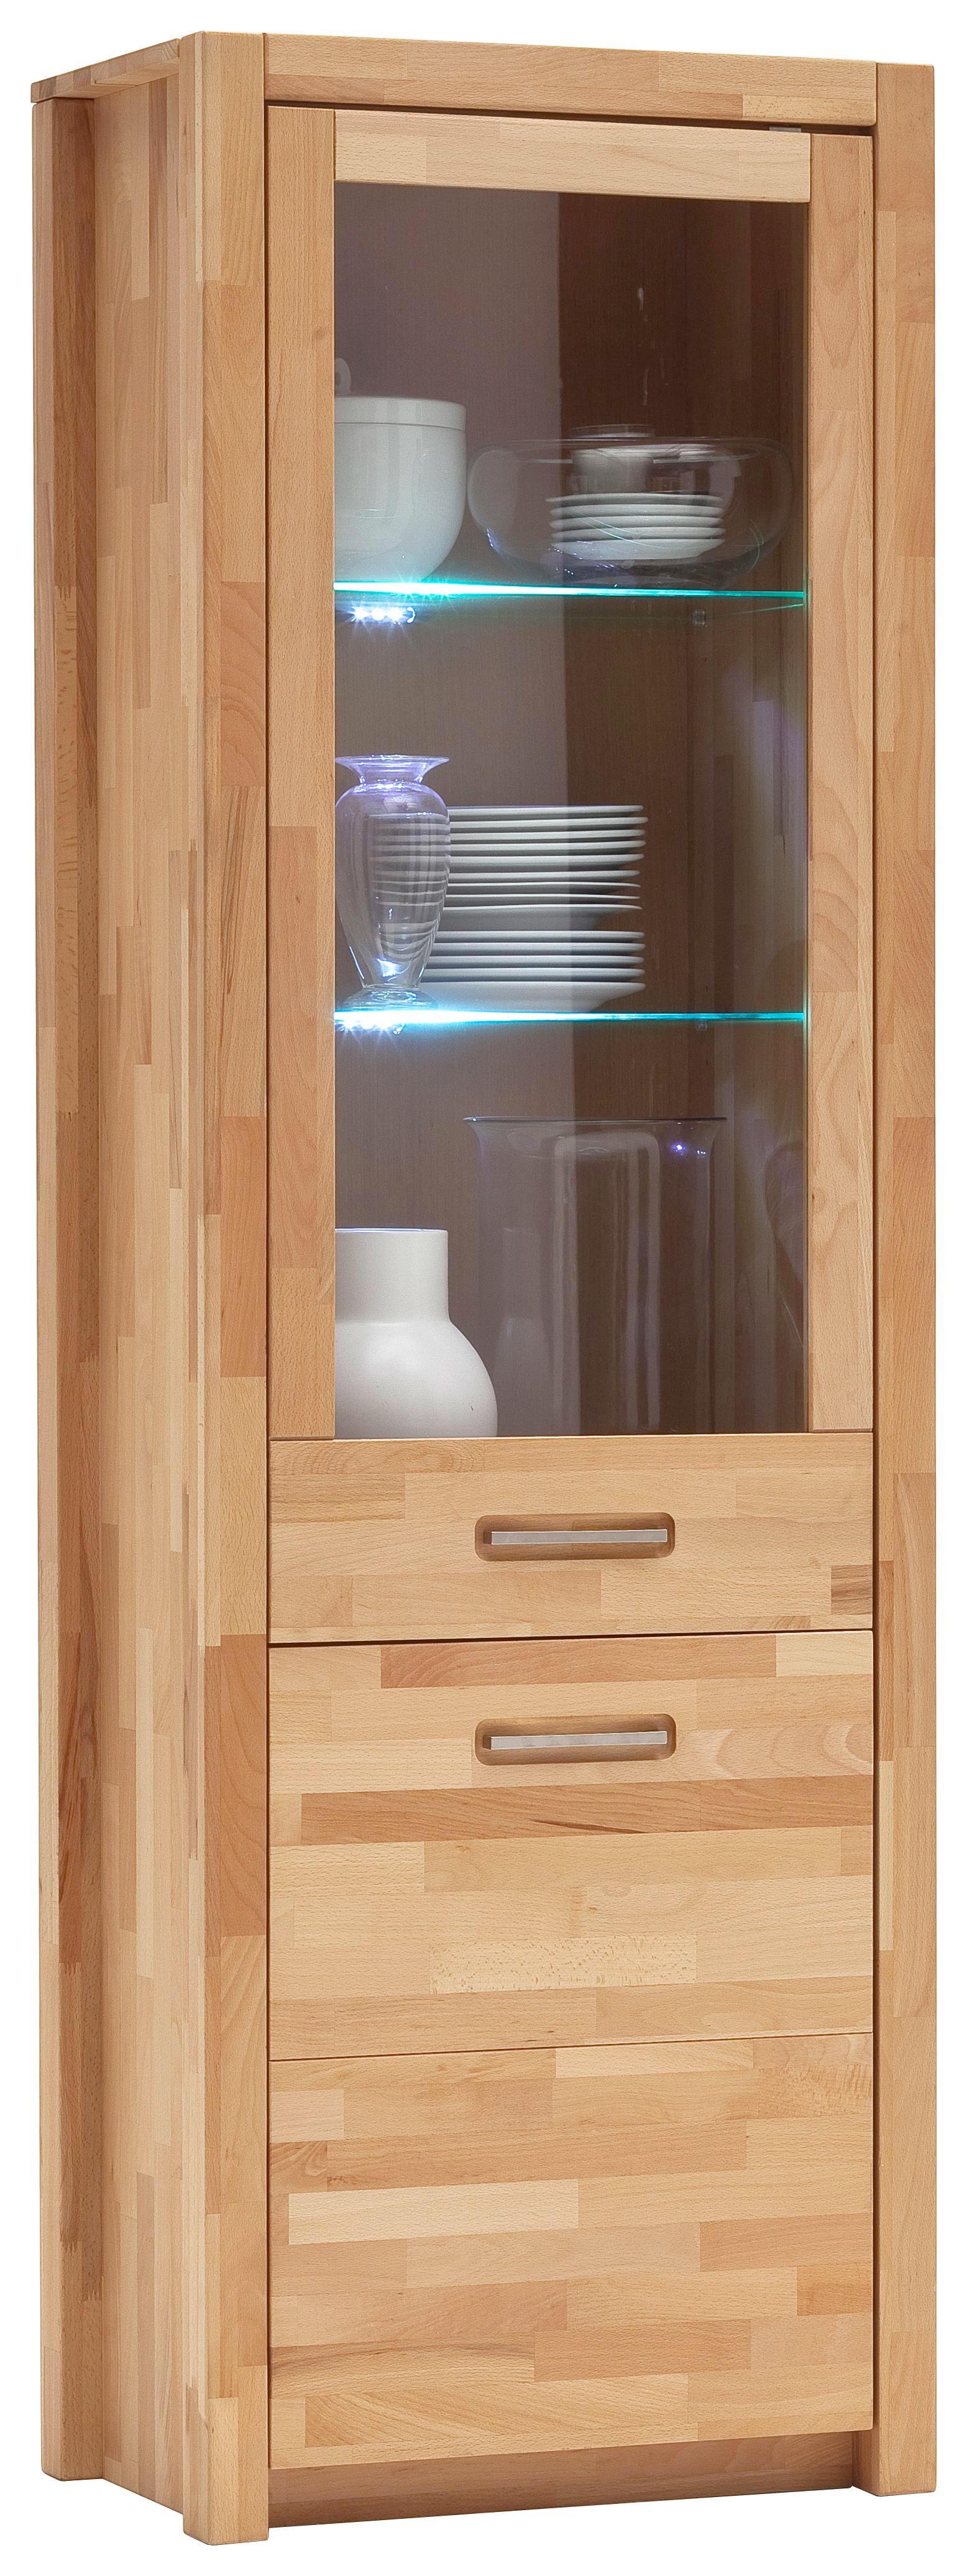 VITRINE Kernbuche massiv Buchefarben - Buchefarben/Alufarben, Design, Glas/Holz (66/203/40cm) - LANDSCAPE